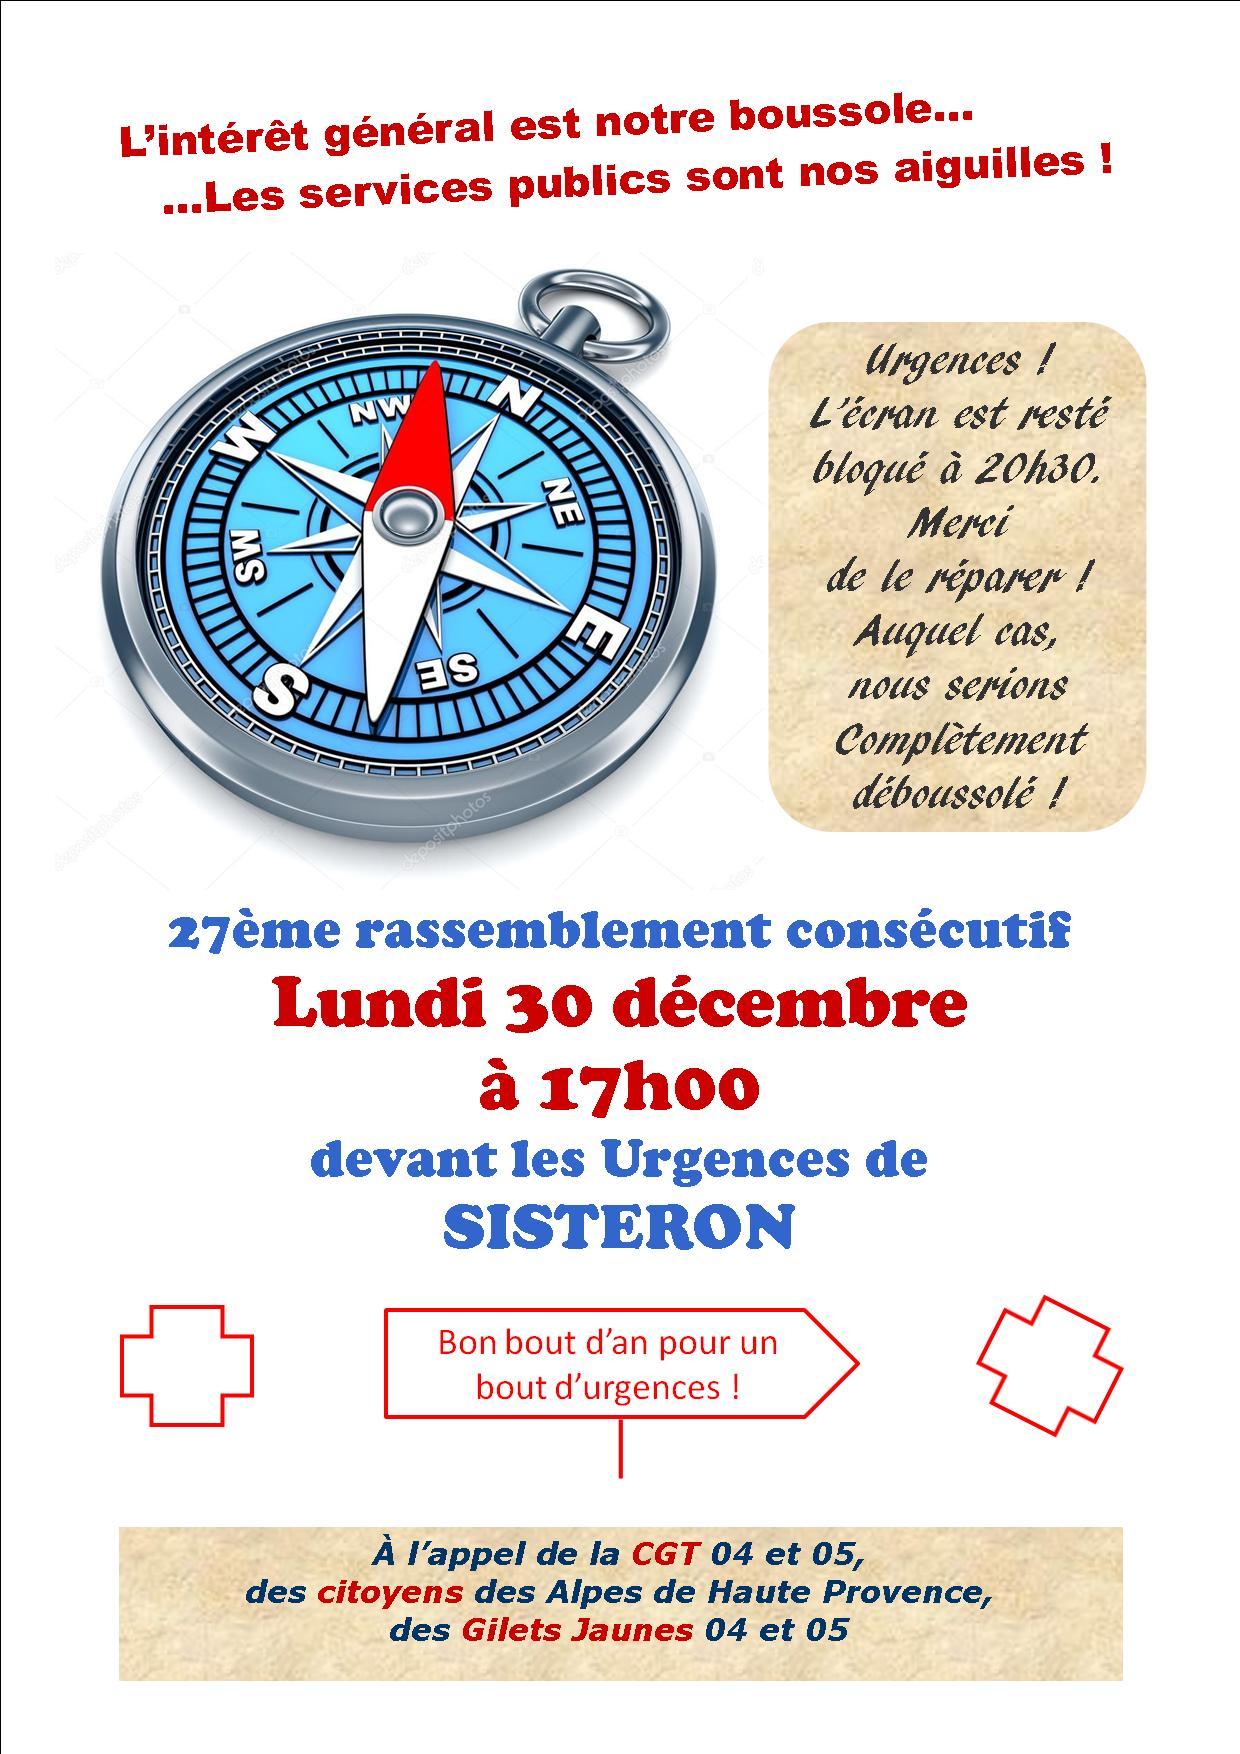 Tract mobilisation Urgences de Sisteron 30 décembre 2019